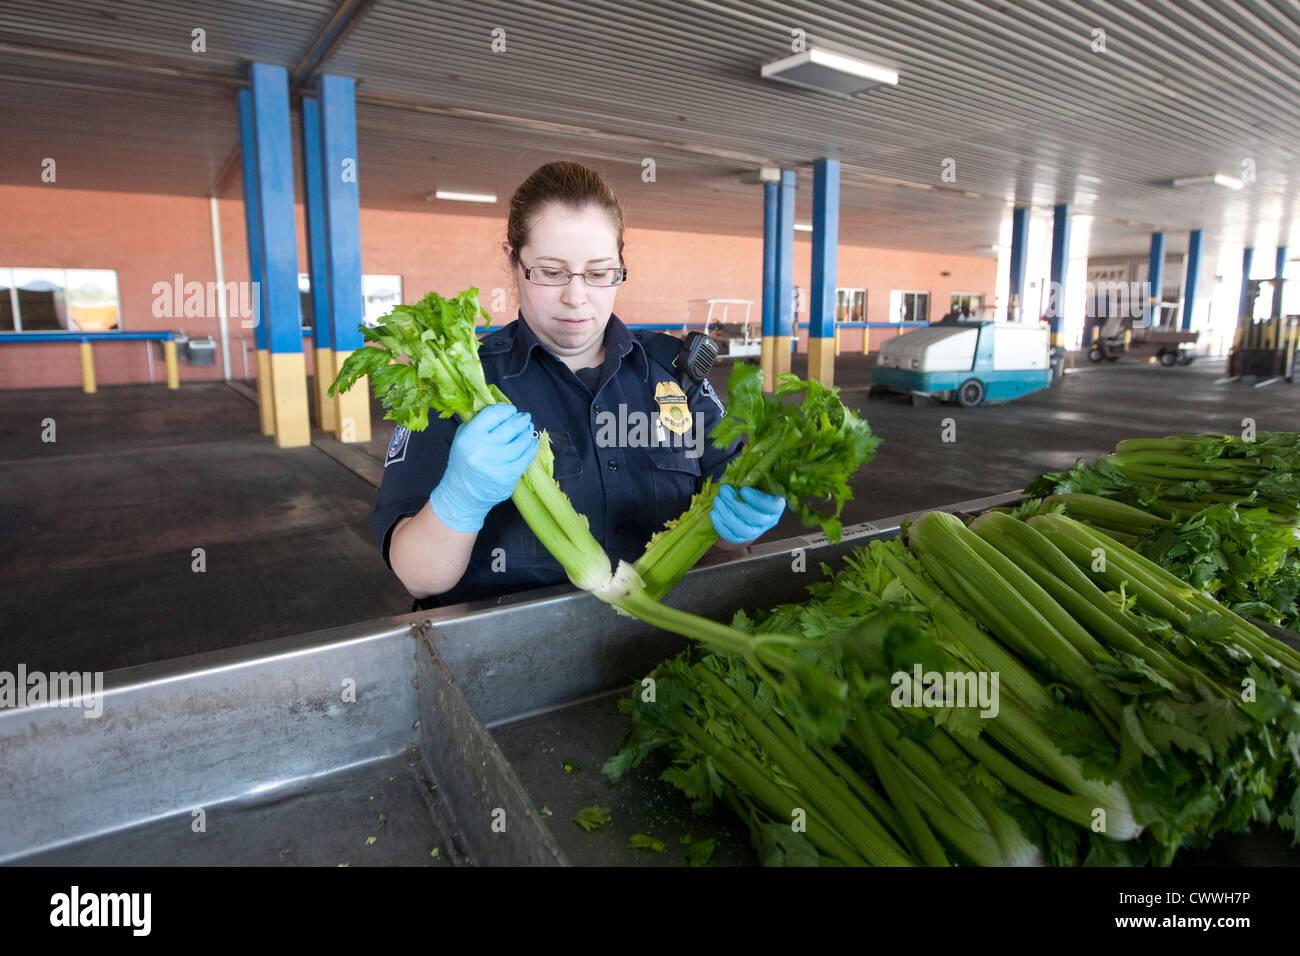 Pour les spécialistes de l'agriculture femme U.S Customs and Border Protection, inspection des boîtes Photo Stock